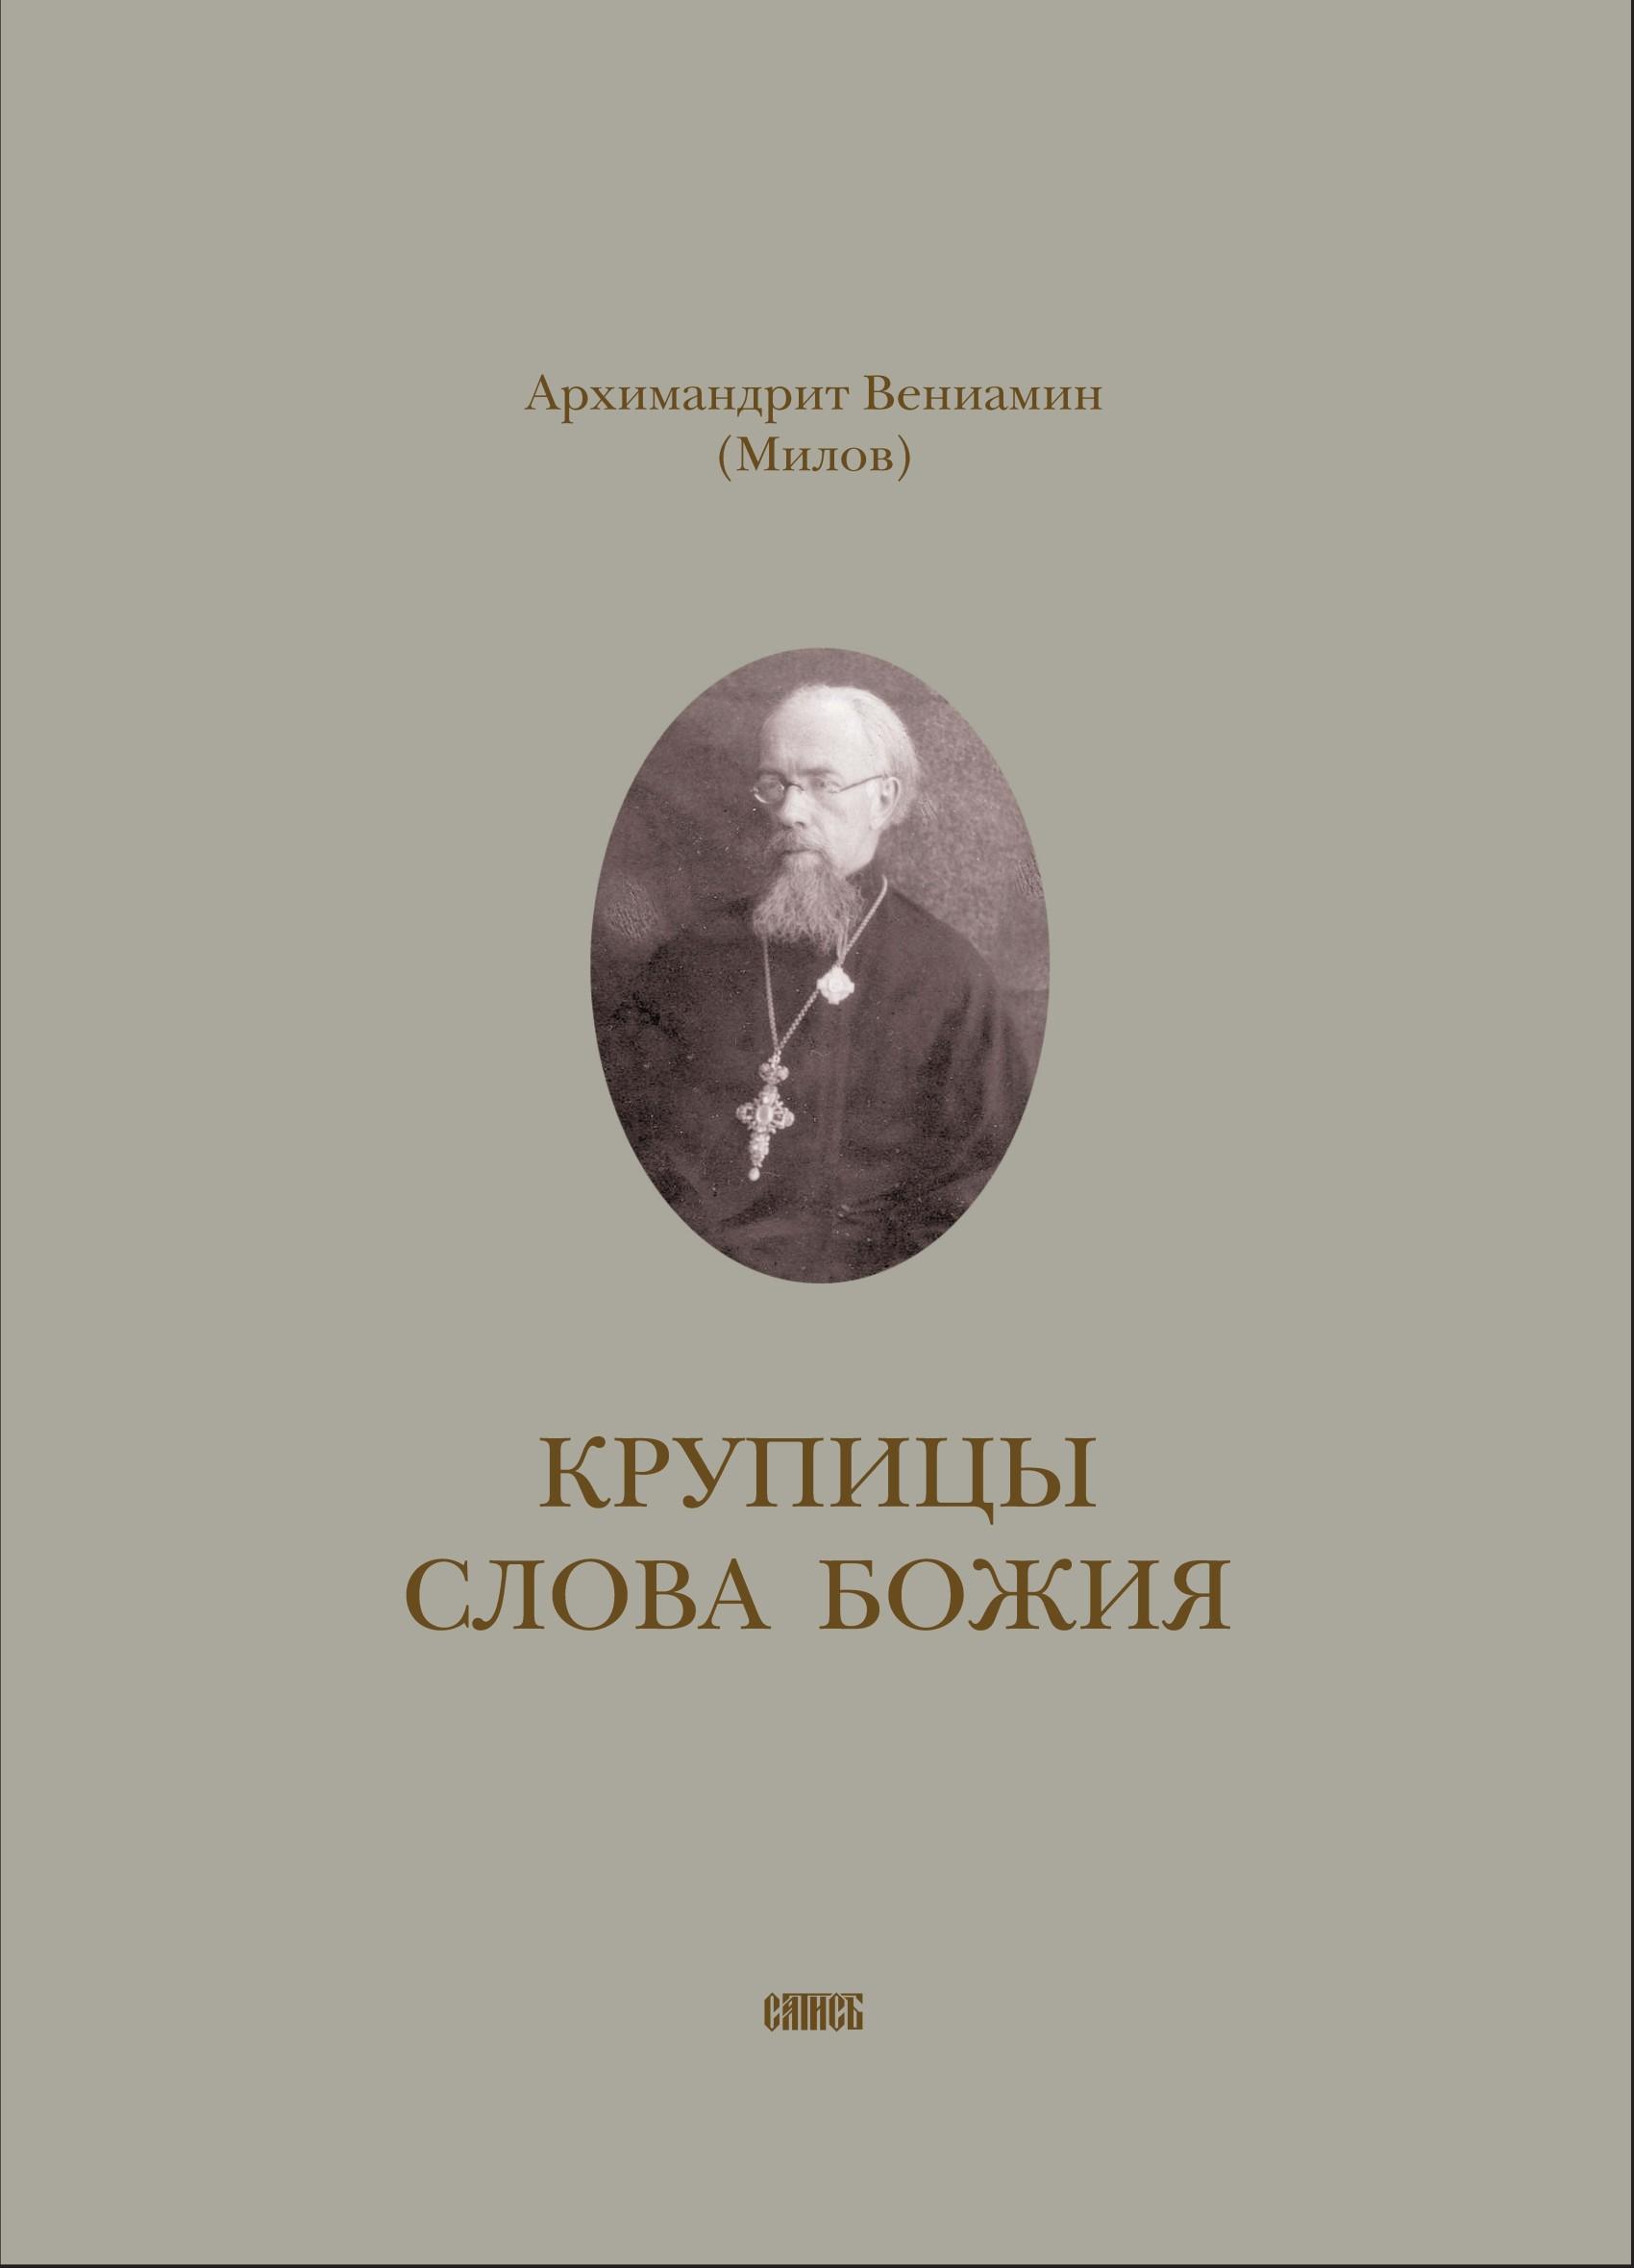 Архимандрит Вениамин (Милов) Крупицы слова Божия епископ вениамин милов чтения по литургическому богословию